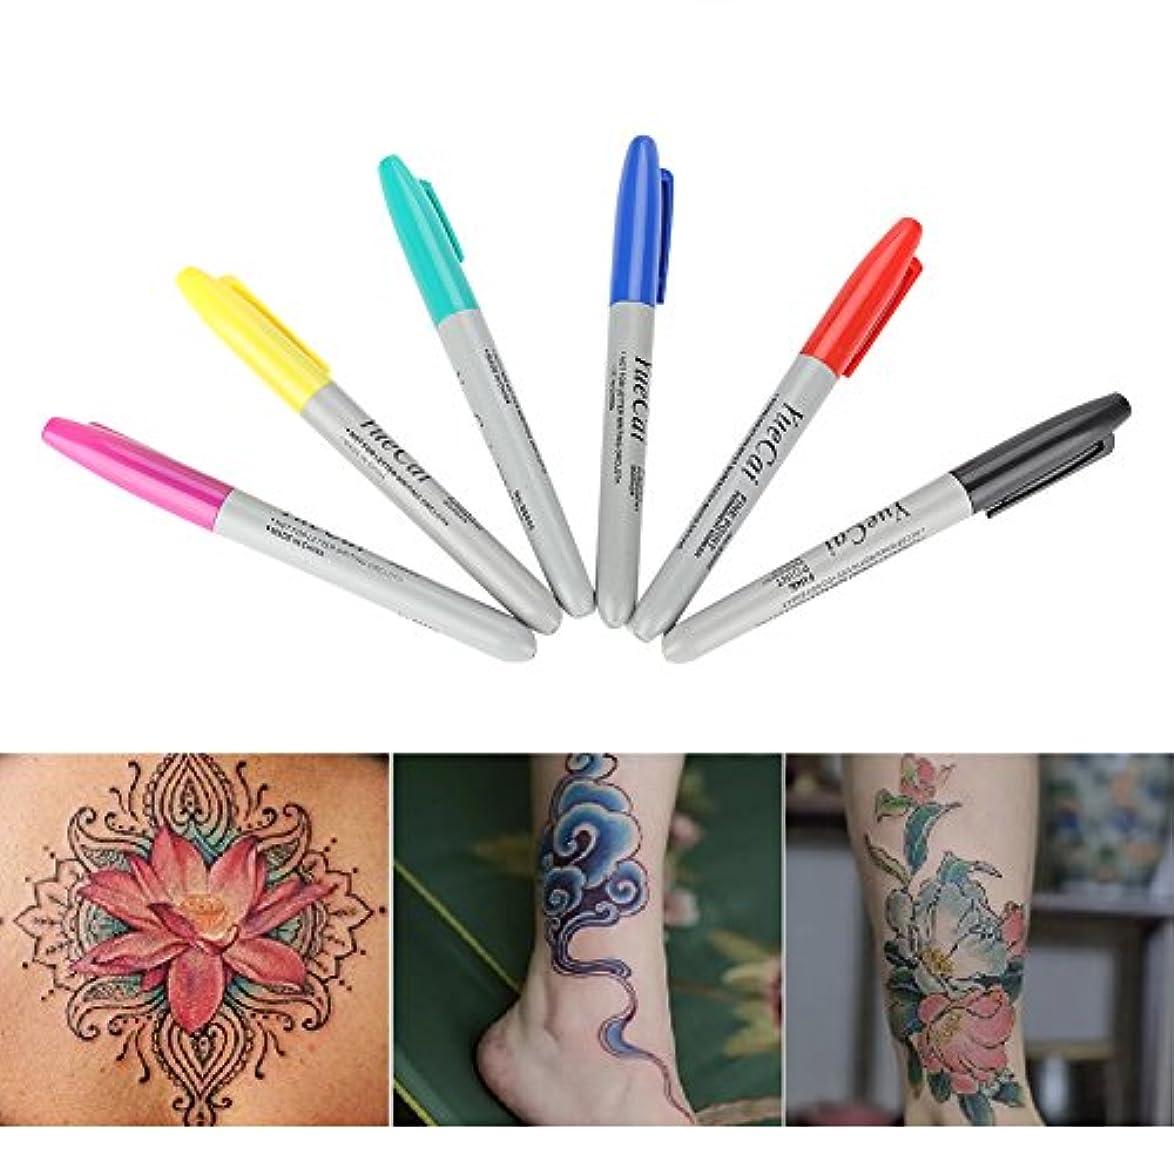 第三ウェブで6ピース/セットタトゥースキンマーカー、永久タトゥーペン、位置決めペン永久化粧、タトゥーマーキングスクライブペン用ボディアート美容ツー